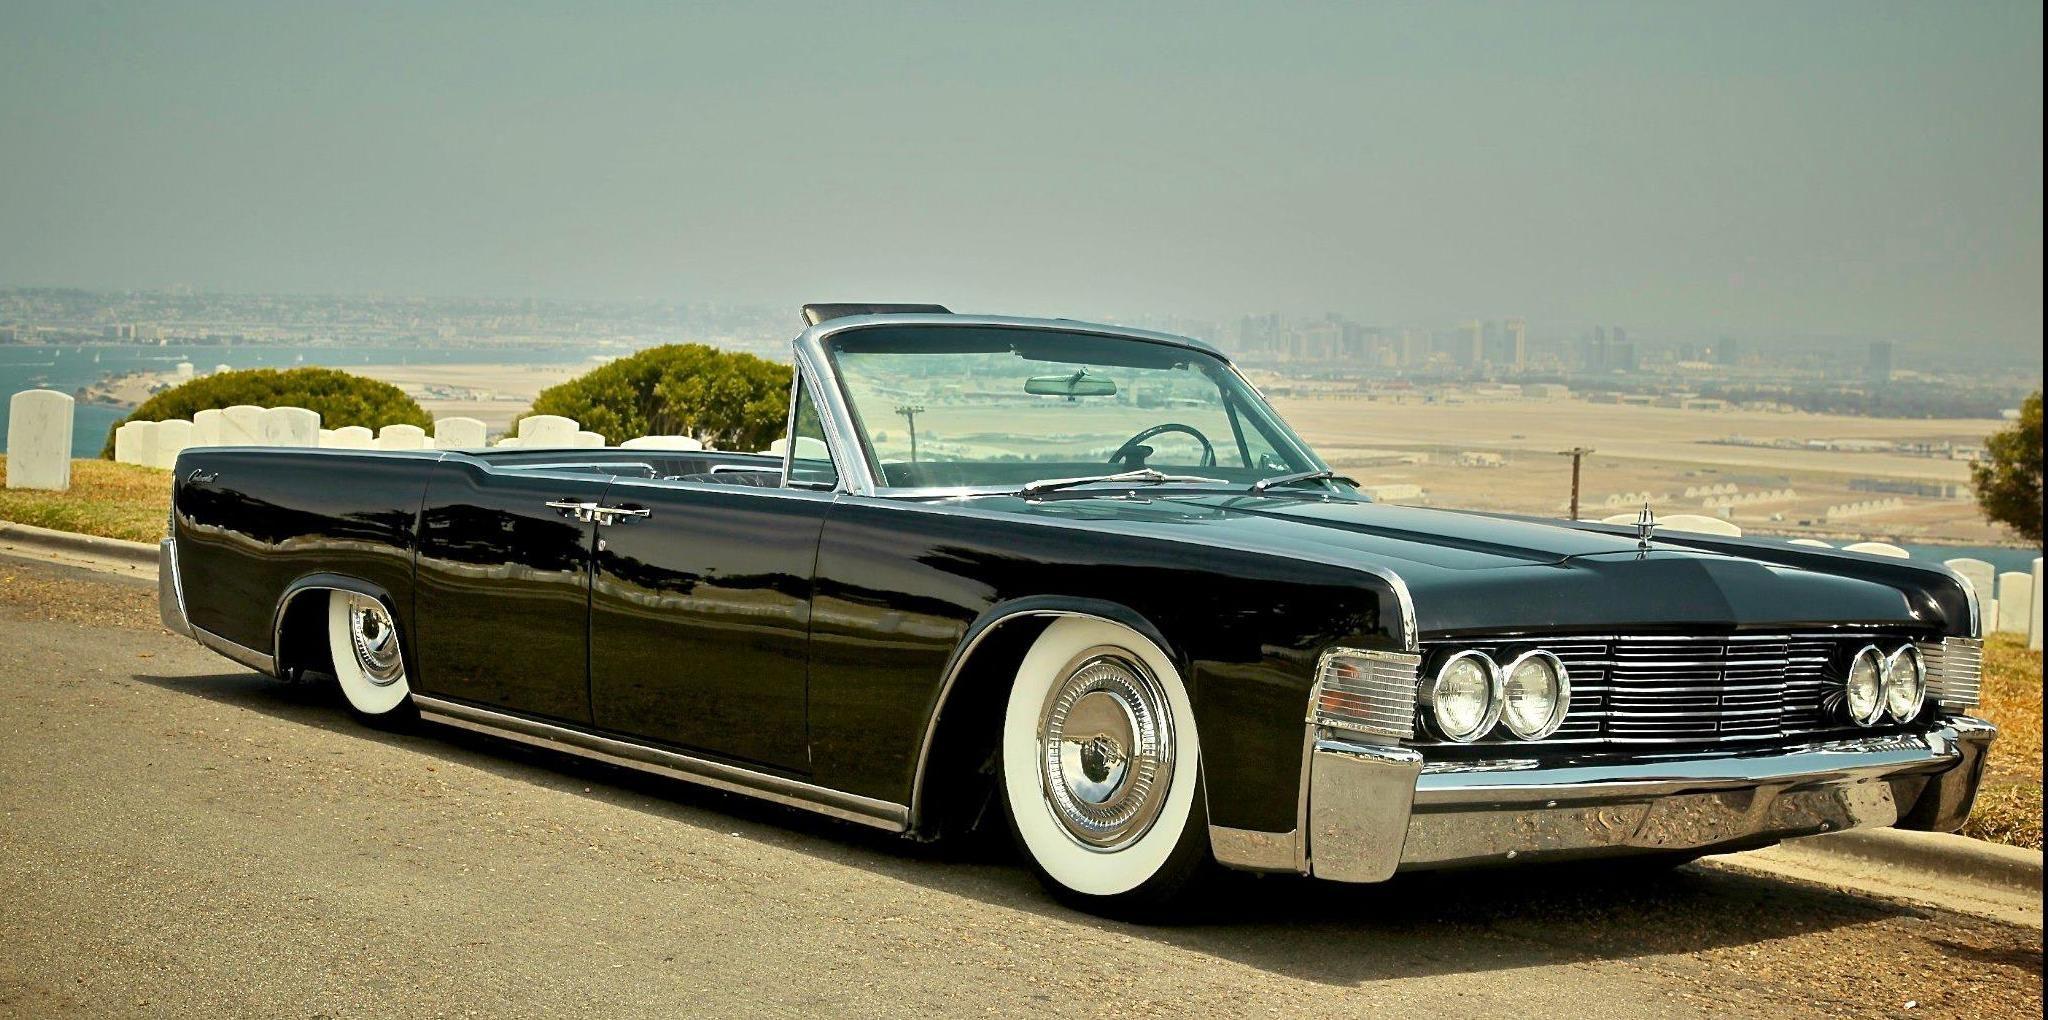 19suicide65's 1965 Lincoln Continental in San go, CA | Lincoln ...